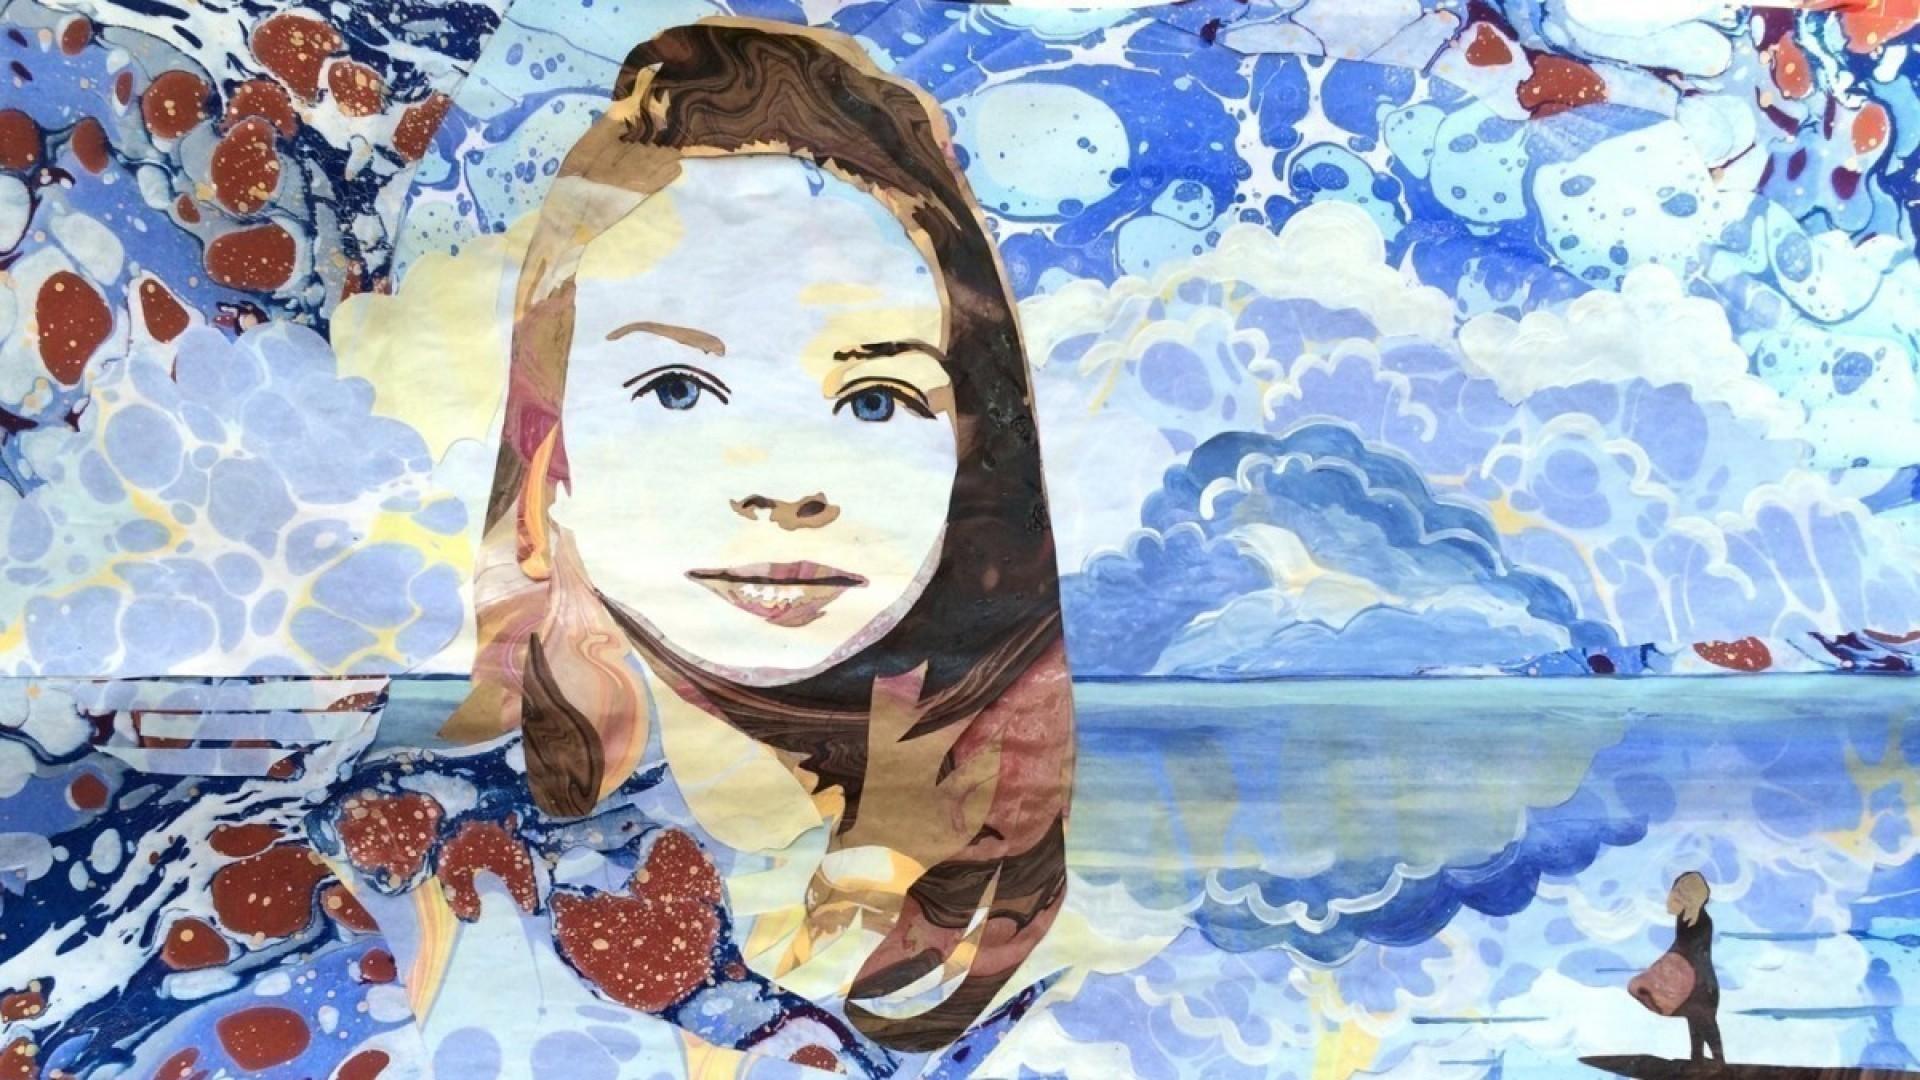 Художник Татьяна Кириллова: «Эбру учит превращать напряжение от стресса в созидательную энергию»